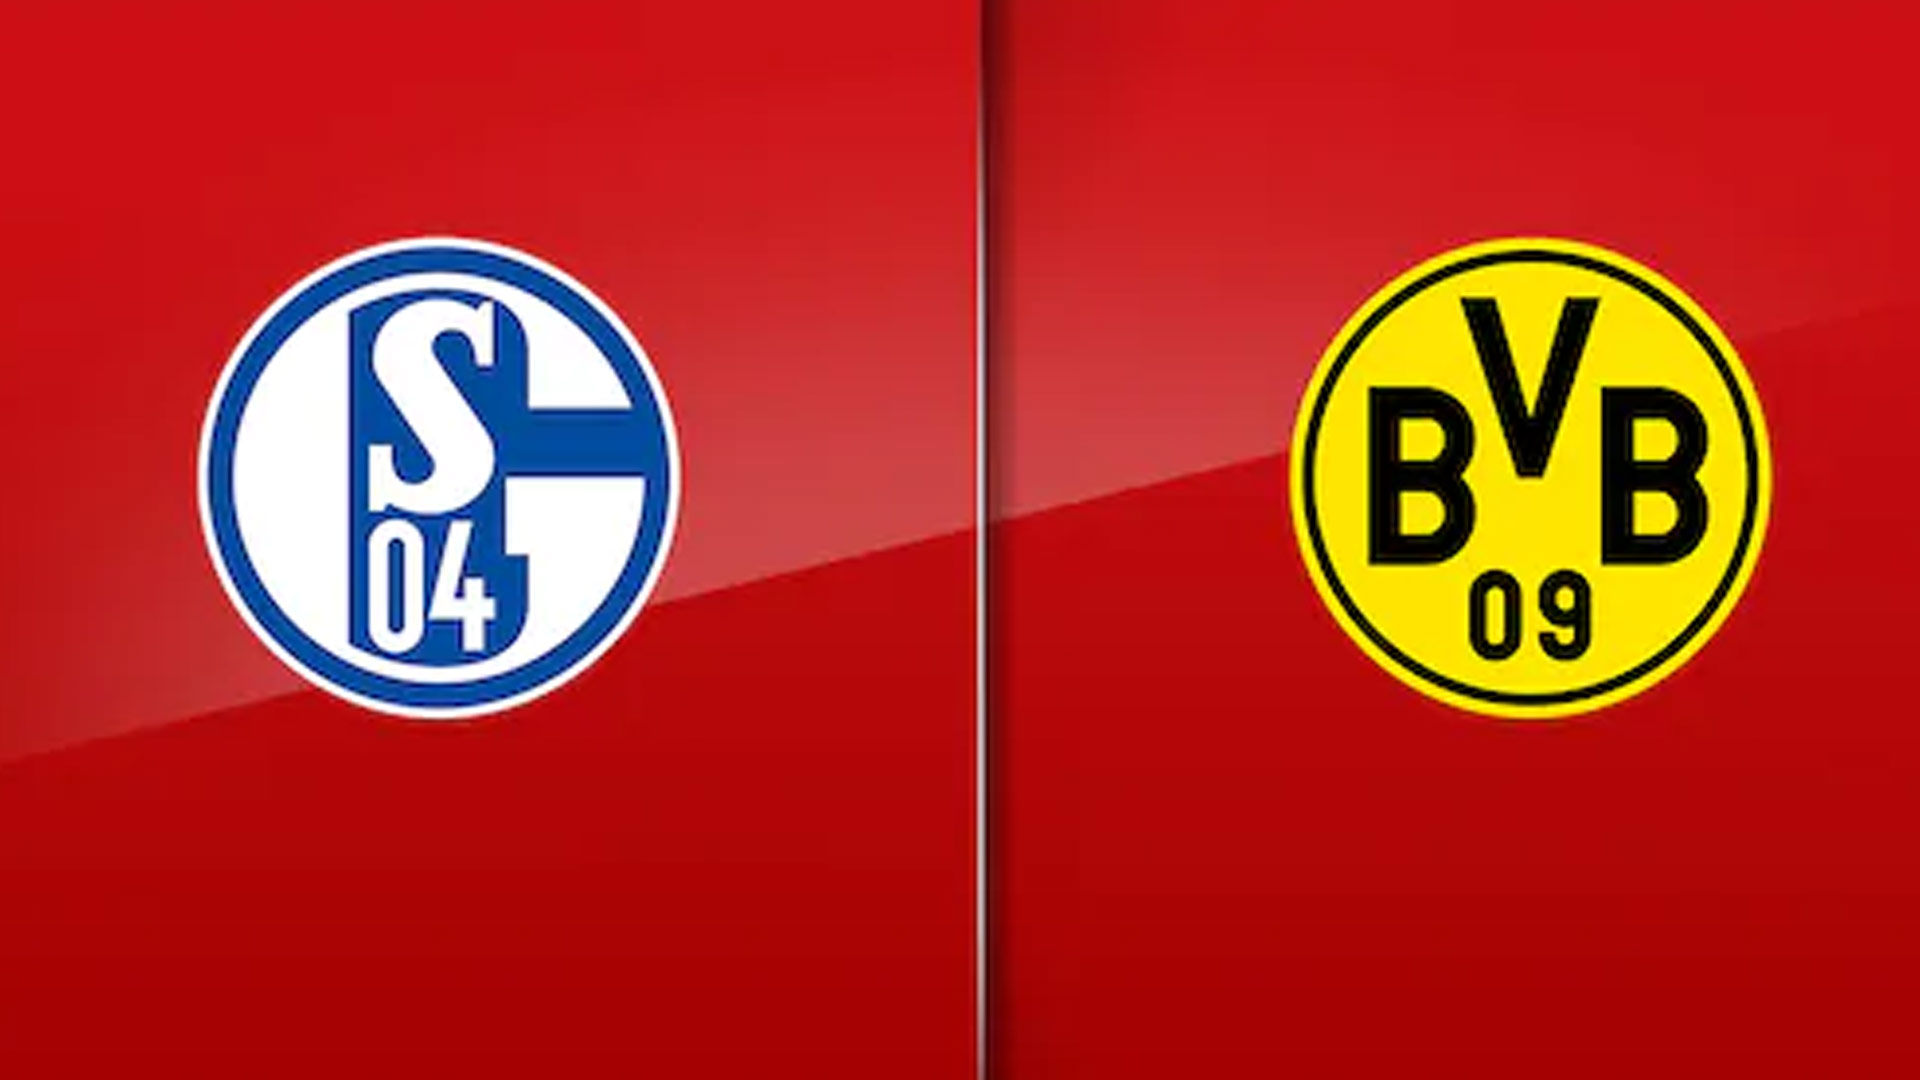 Schalke Gegen Dortmund Tickets